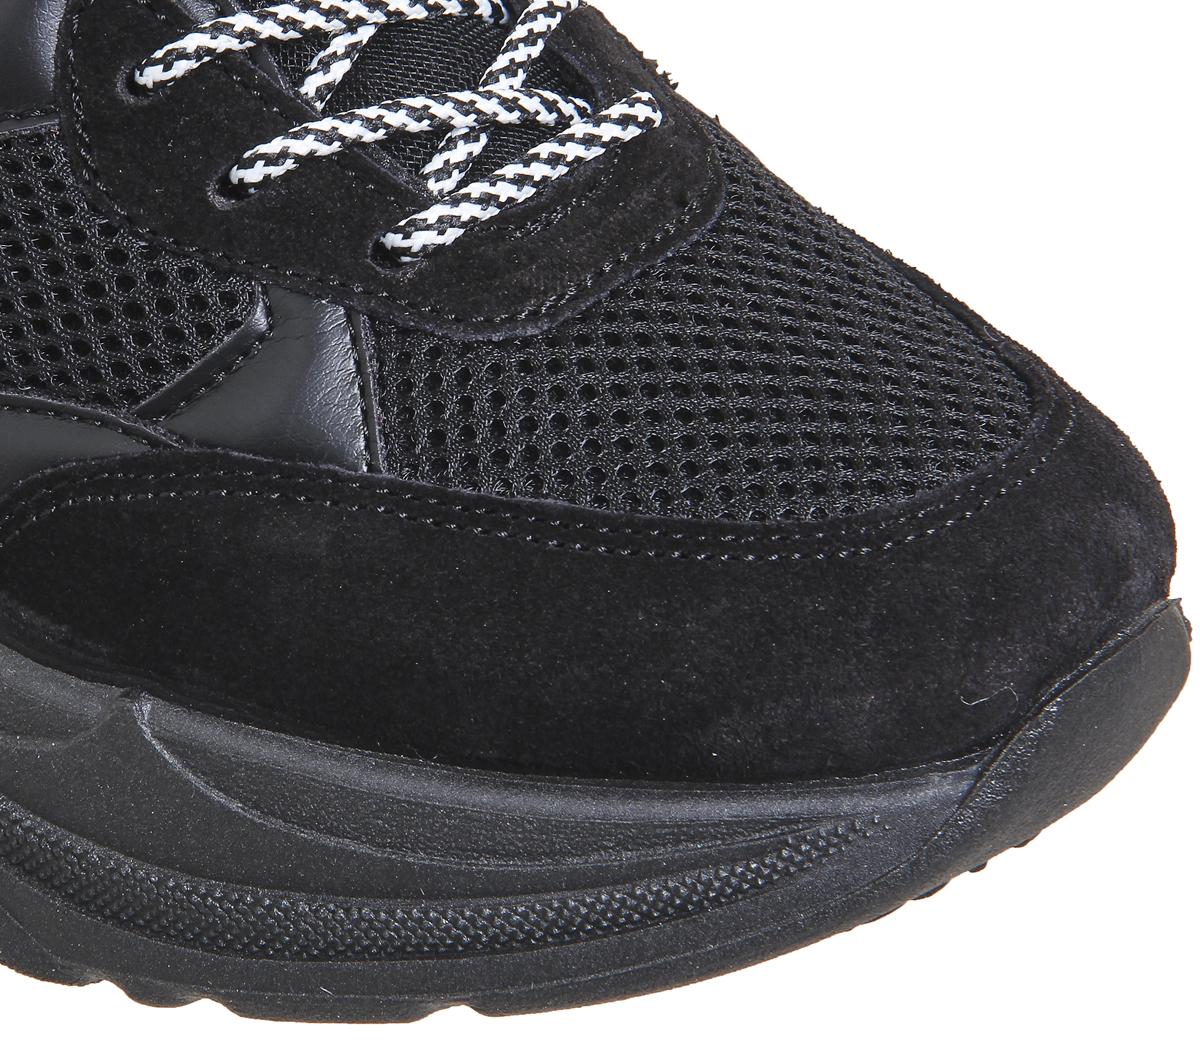 new product 813b0 d9135 ... Para Mujer Zapatillas Con Cordones Oficina quedó Grueso Negro Material  Mix Zapatillas Zapatos ...